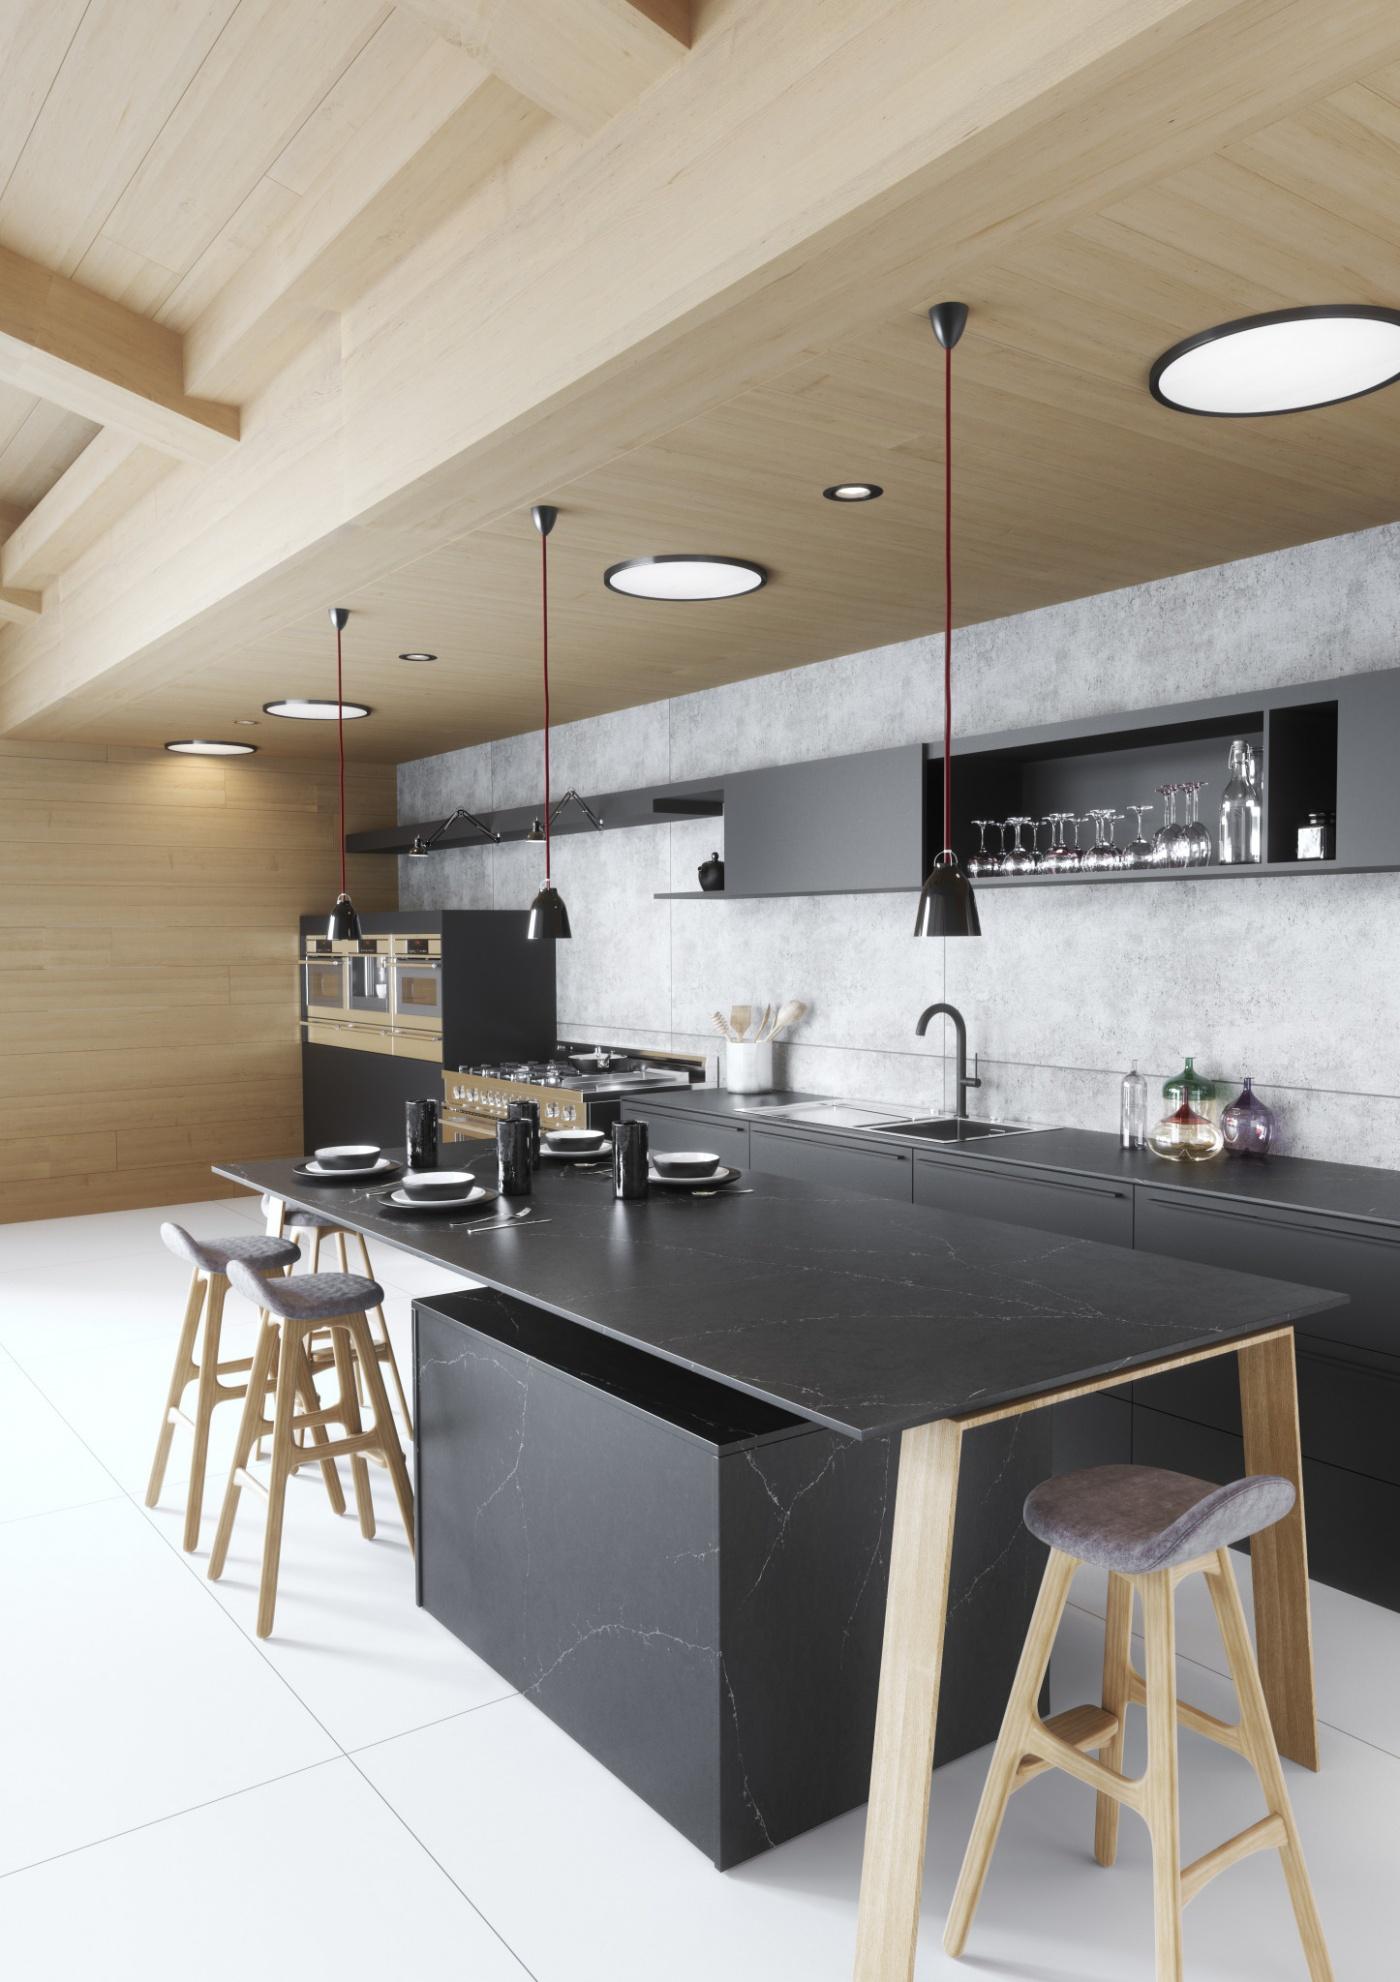 Granit Silestone Charcoal Soapstone Plan de travail